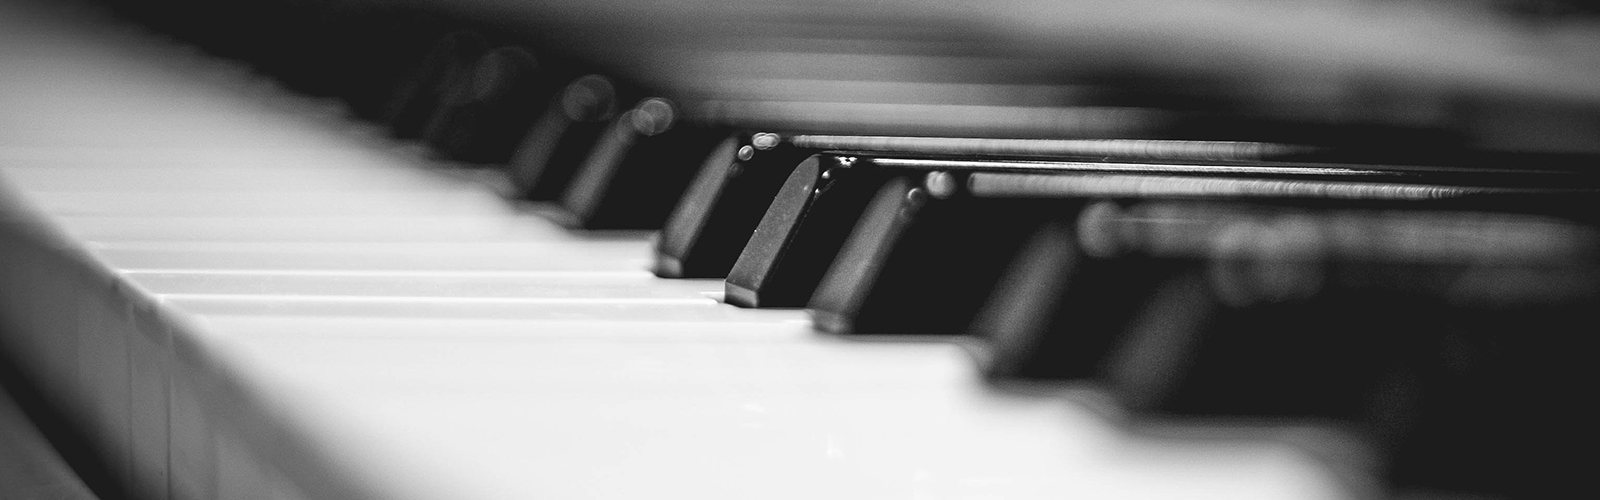 PianoShot